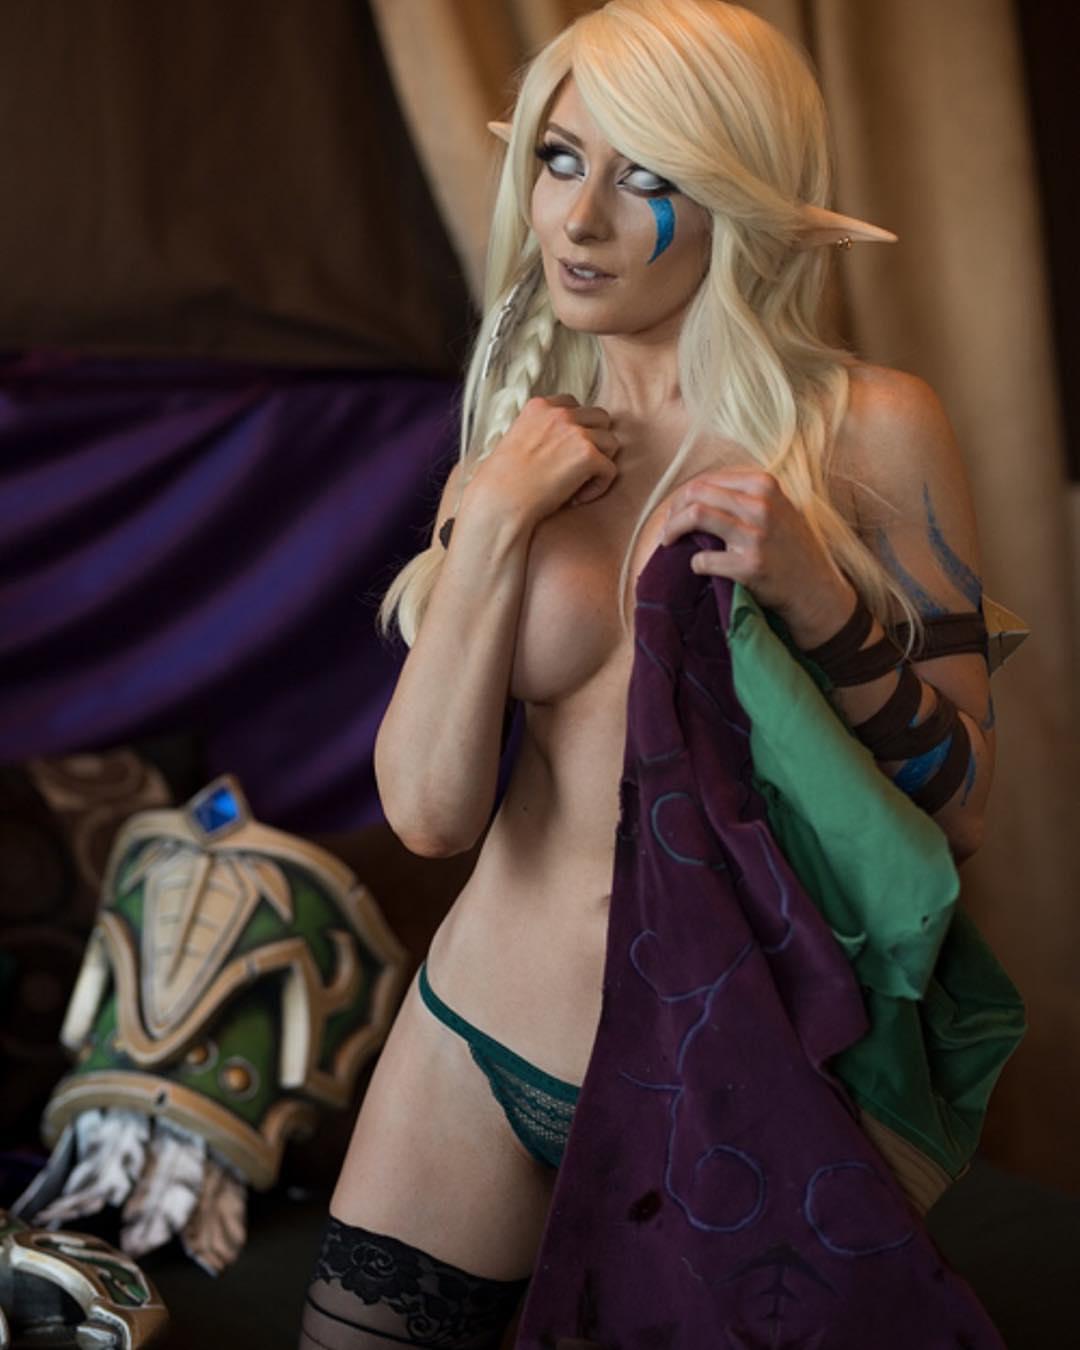 alleria windrunner hot cosplay